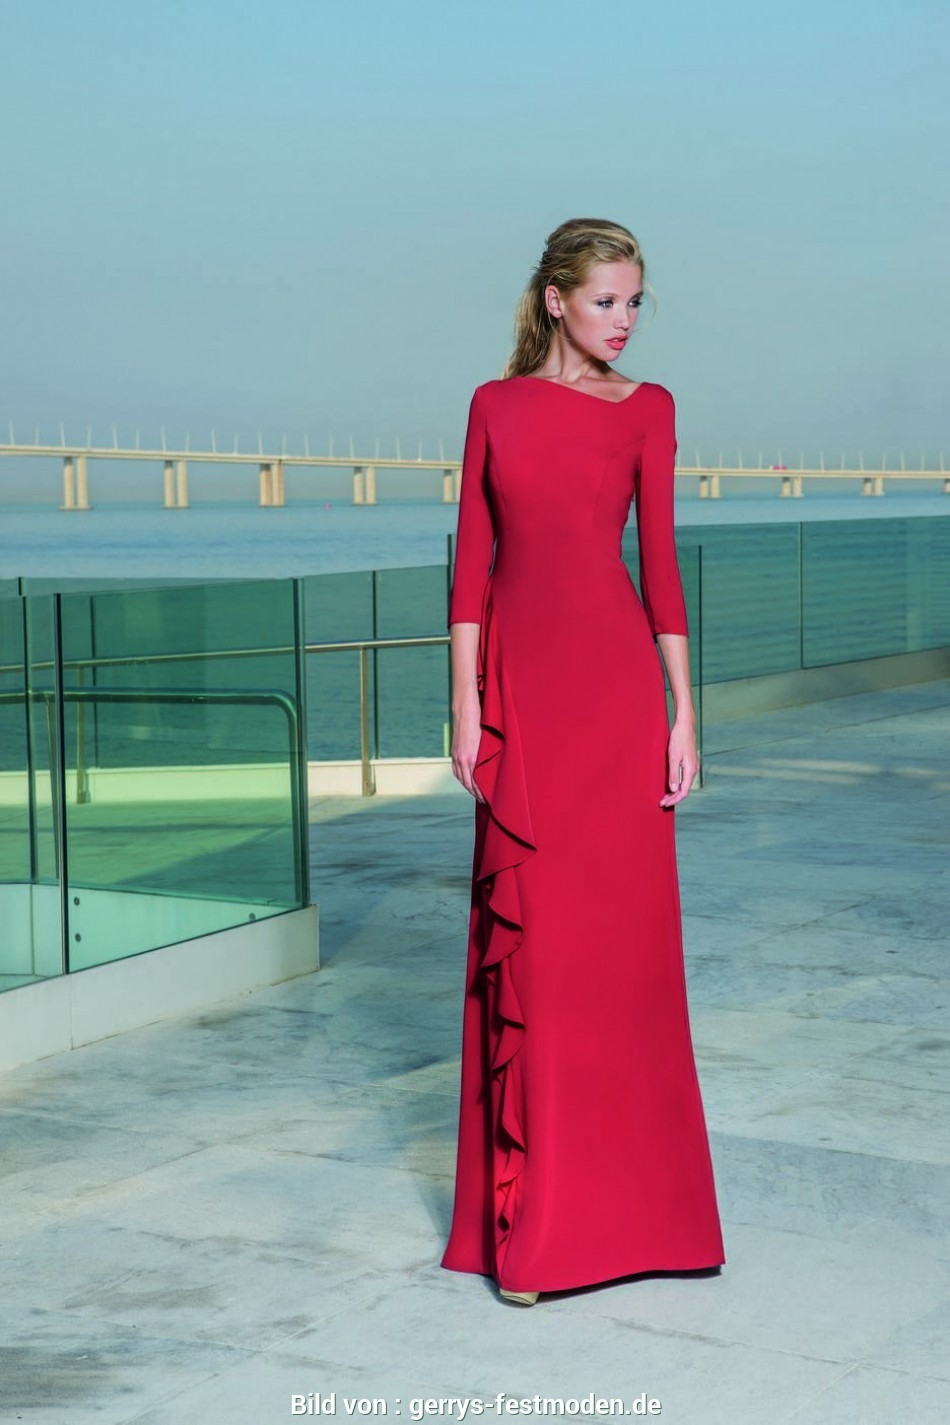 13 Luxurius Abendkleider Verleih Nrw Ärmel13 Coolste Abendkleider Verleih Nrw für 2019